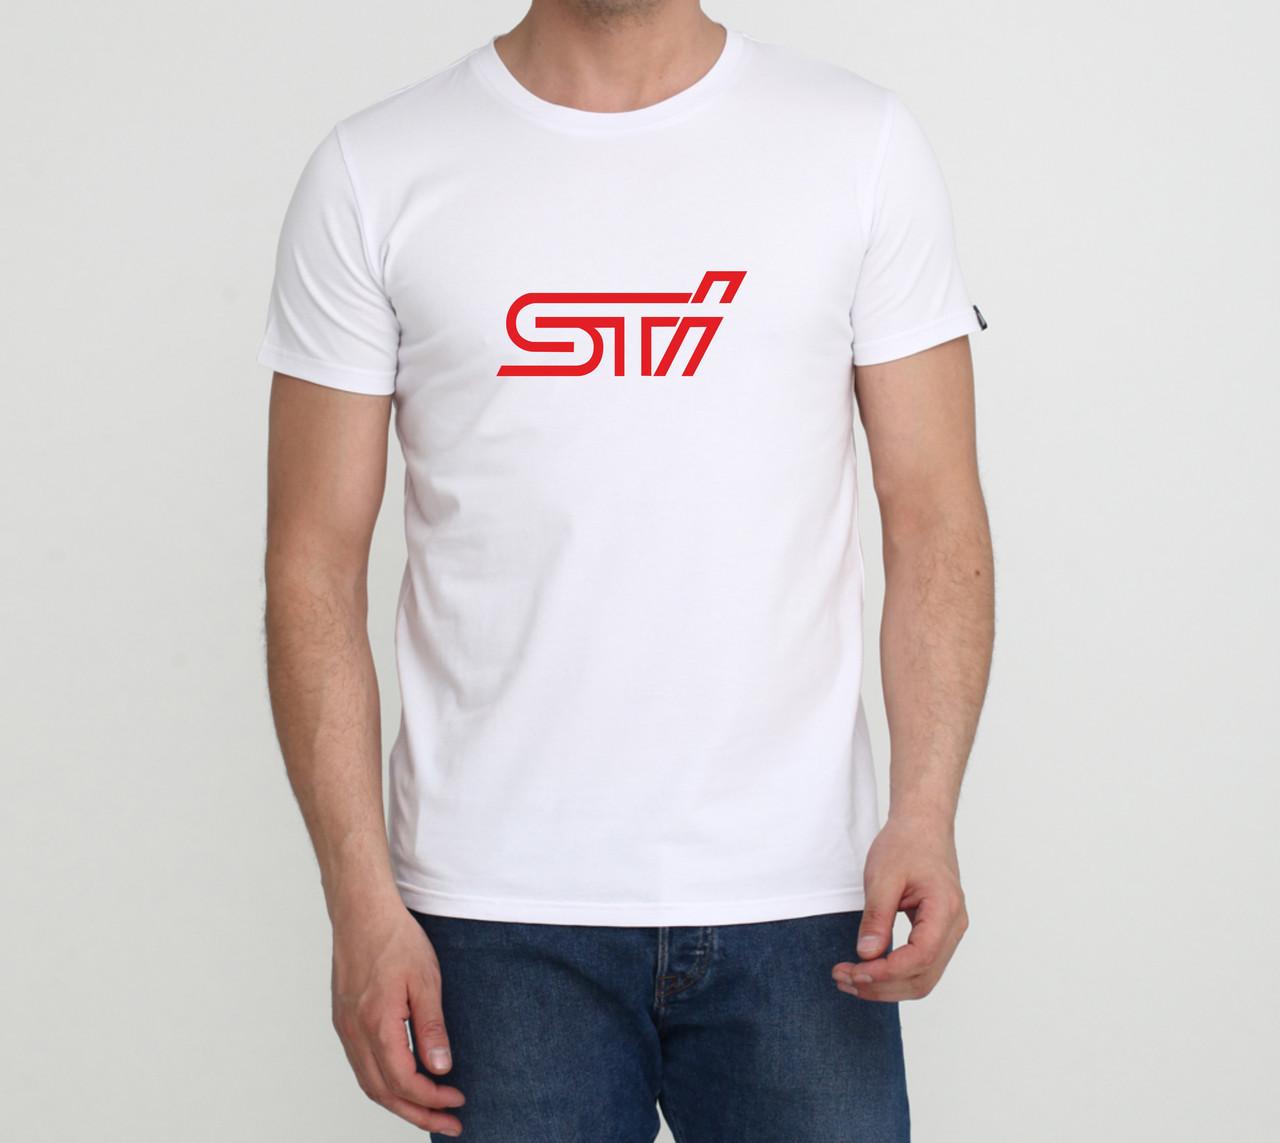 Футболка Subaru STI - белая